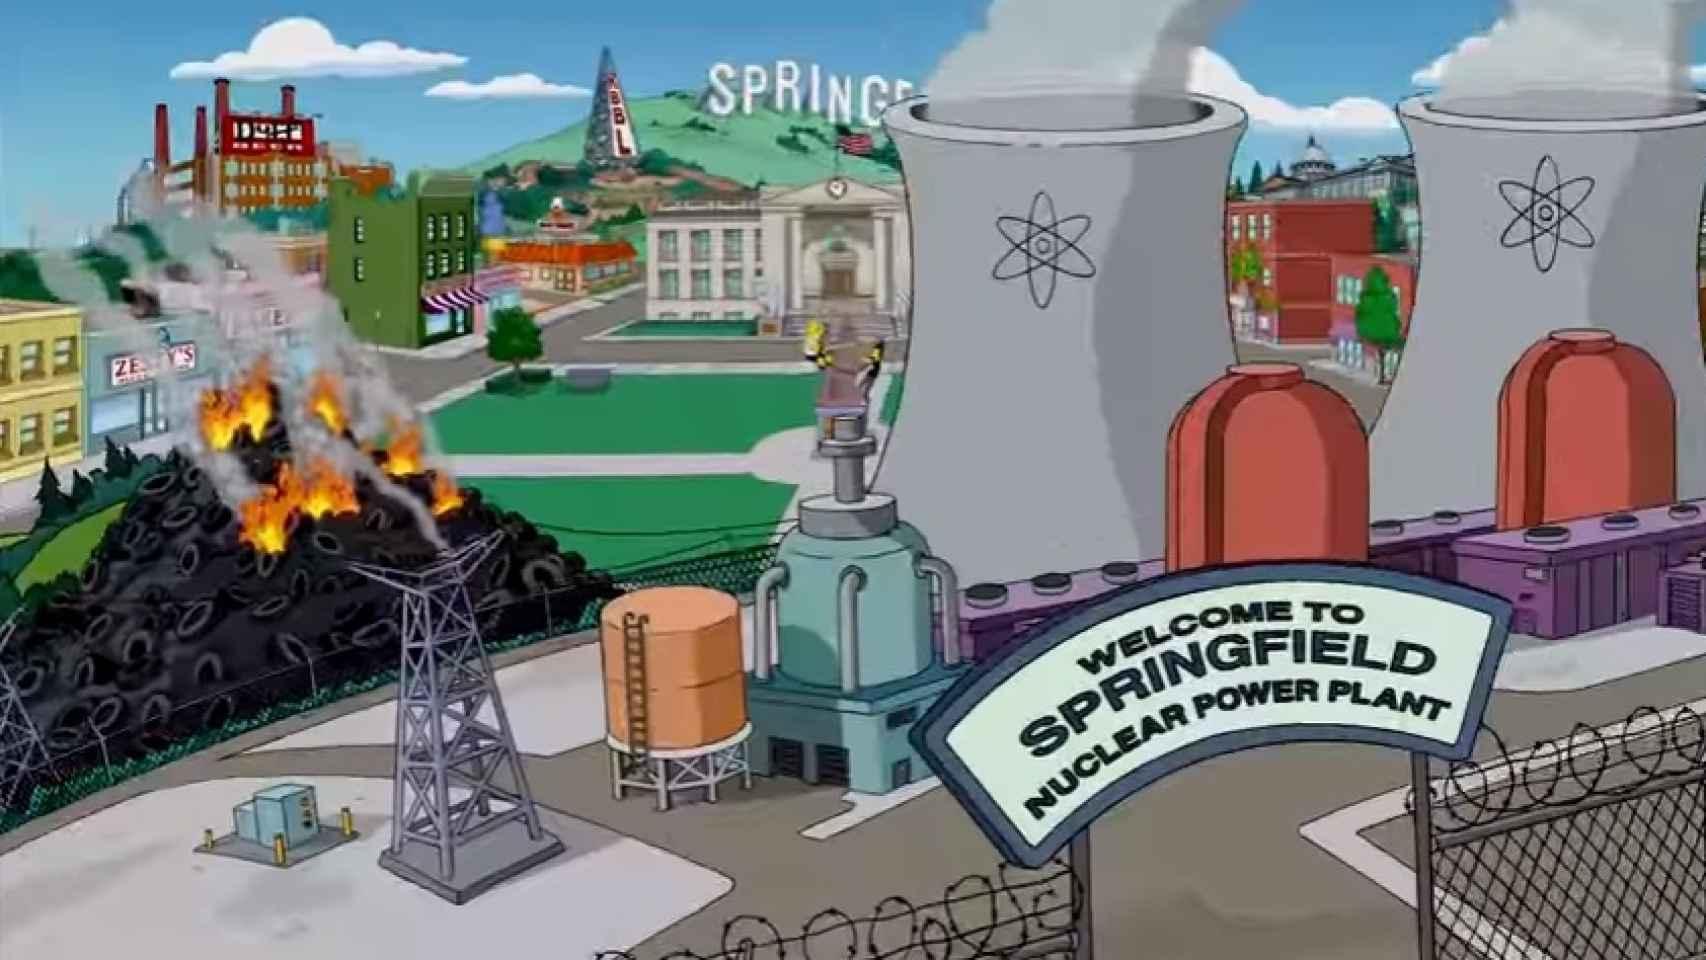 La intro de cada capítulo de Los Simpson muestra el incendio